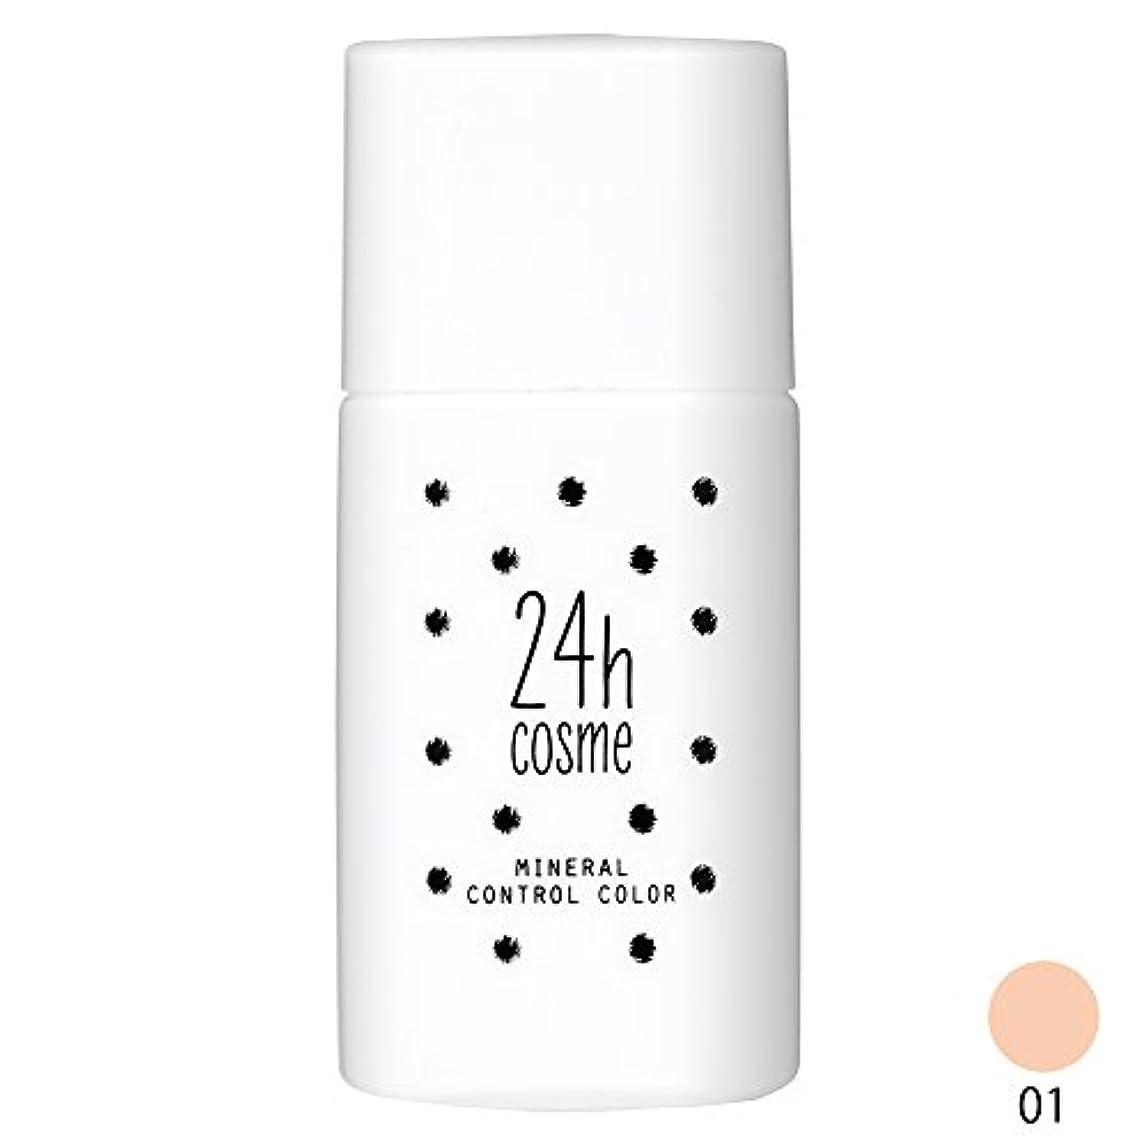 ジャングルブレンド古くなった24h cosme 24 コントロールベースカラー 01ブライトピンク 肌に優しい化粧下地 20ml